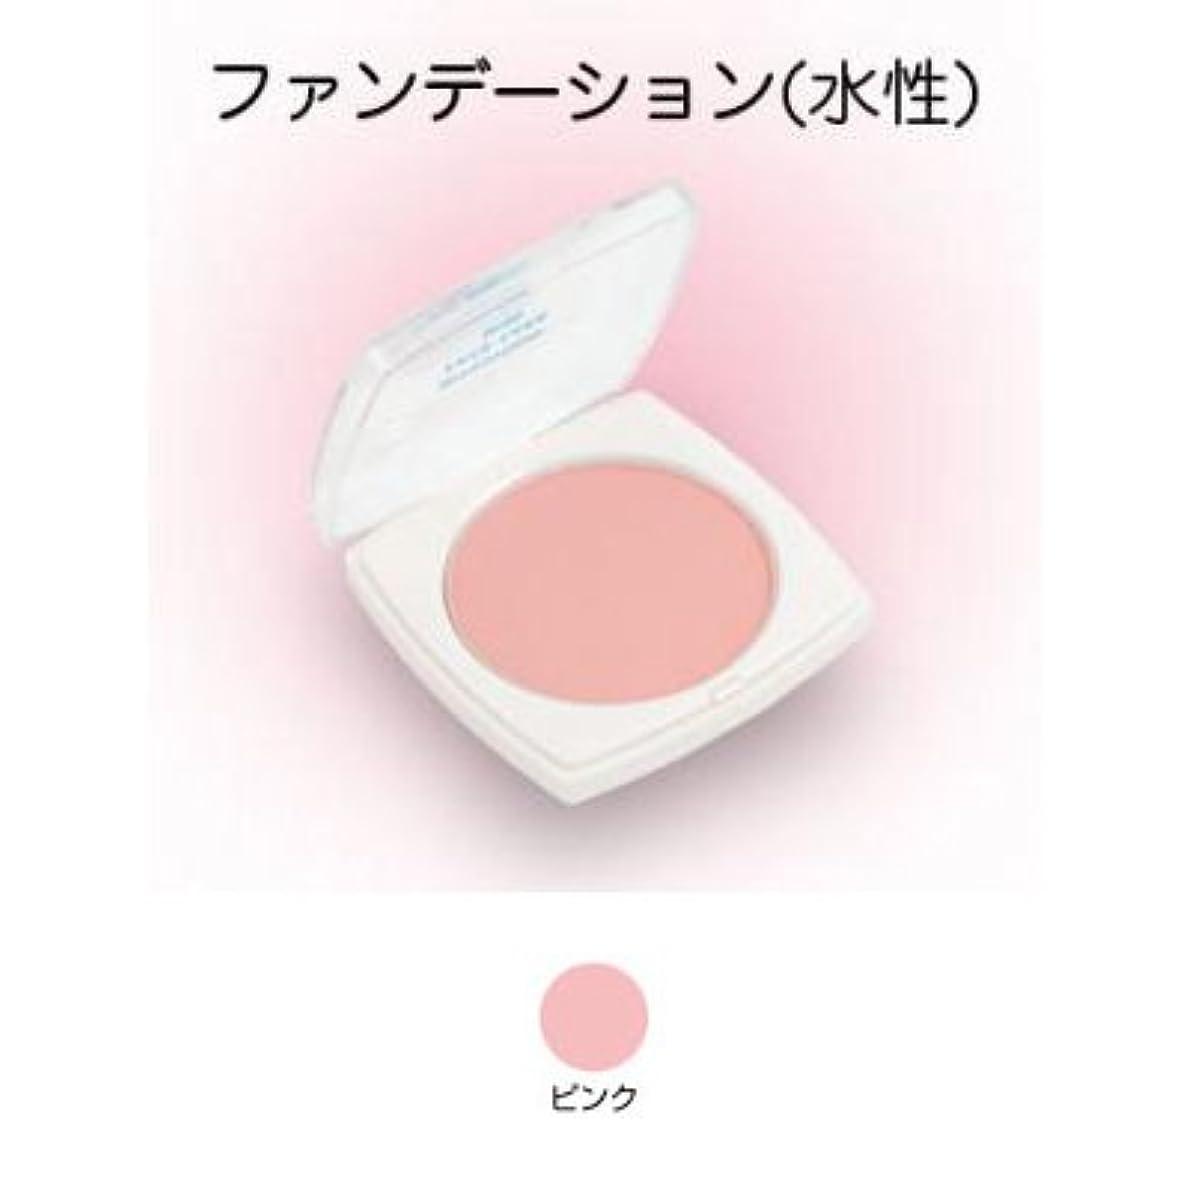 さわやかニコチン治療フェースケーキ ミニ 17g ピンク 【三善】